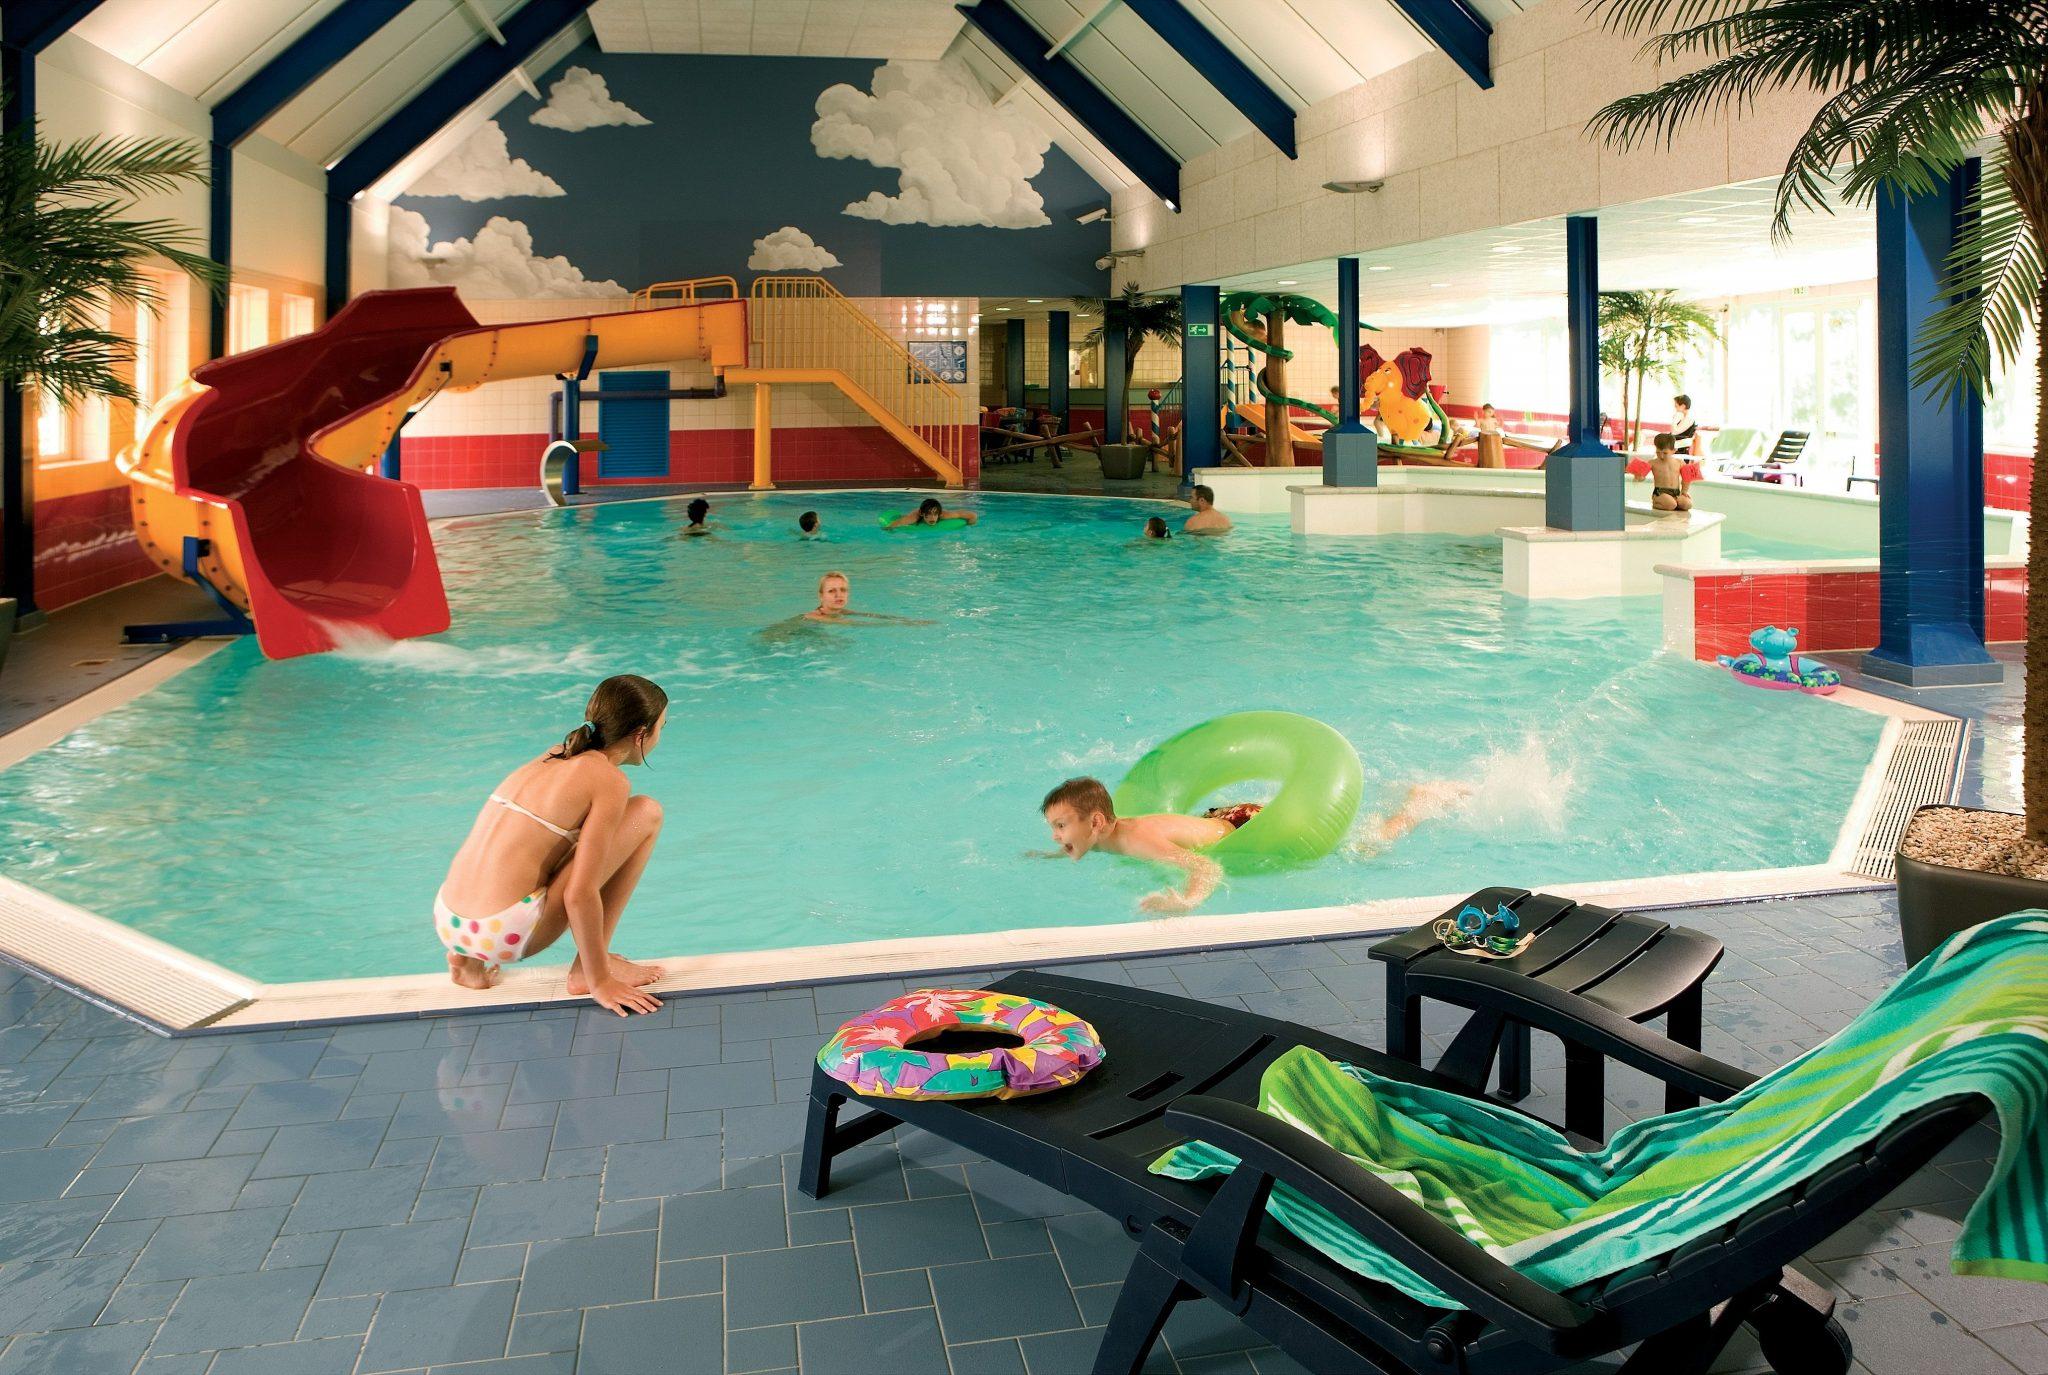 Heerlijk een zwembad in de tuin - 2 2